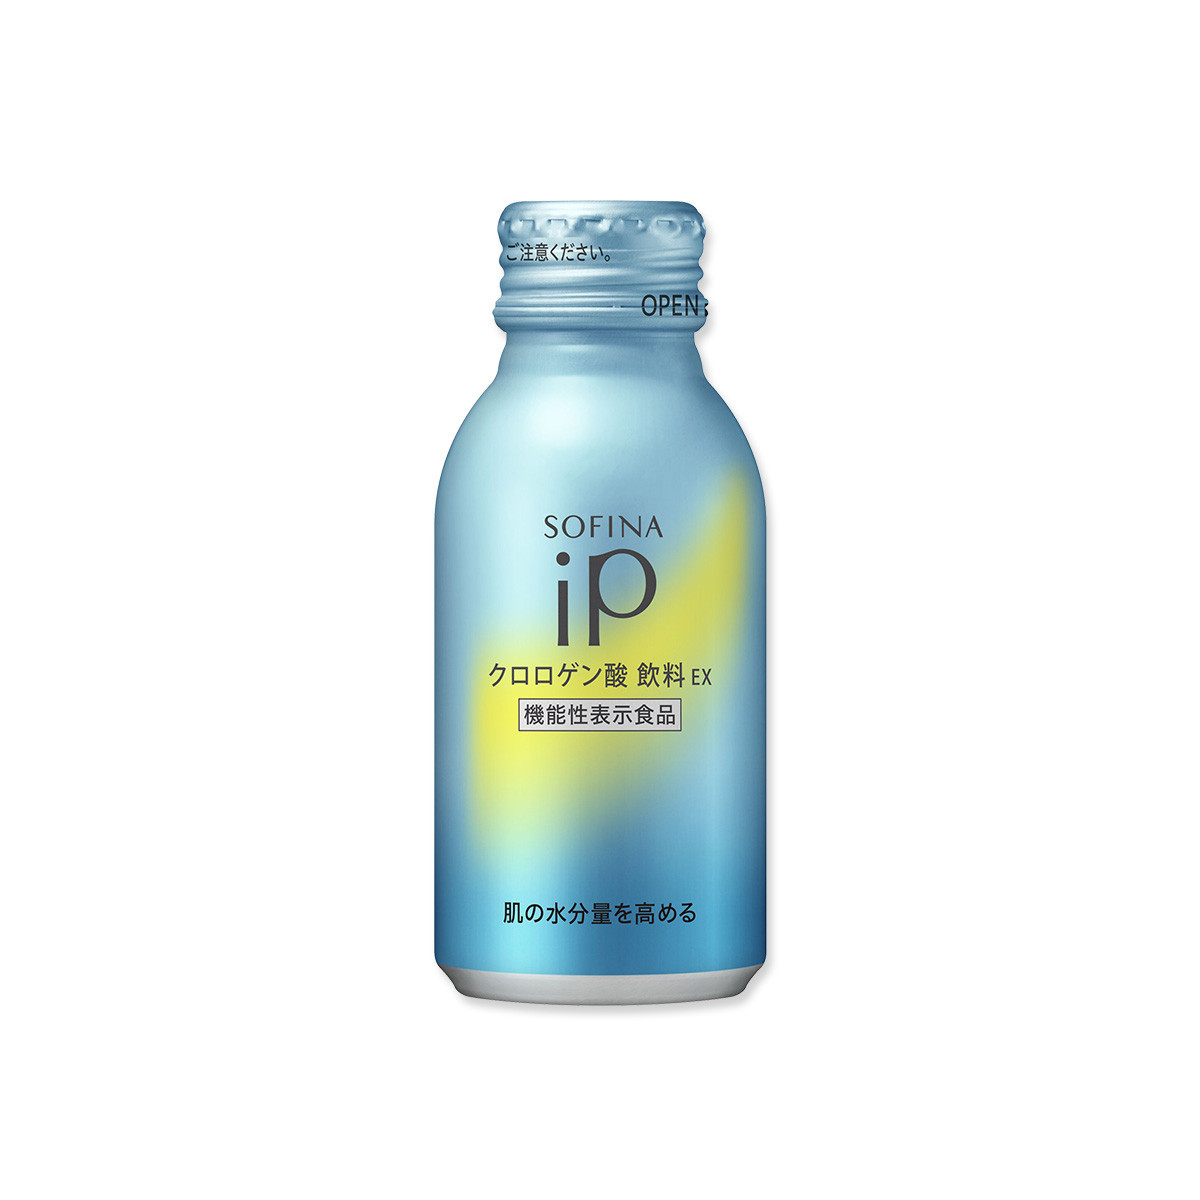 【インナービューティー | 食事やドリンク、サプリなどダイエットにもおすすめのインナーケアとその効果は?】_ソフィーナiP クロロゲン酸 飲料 EX